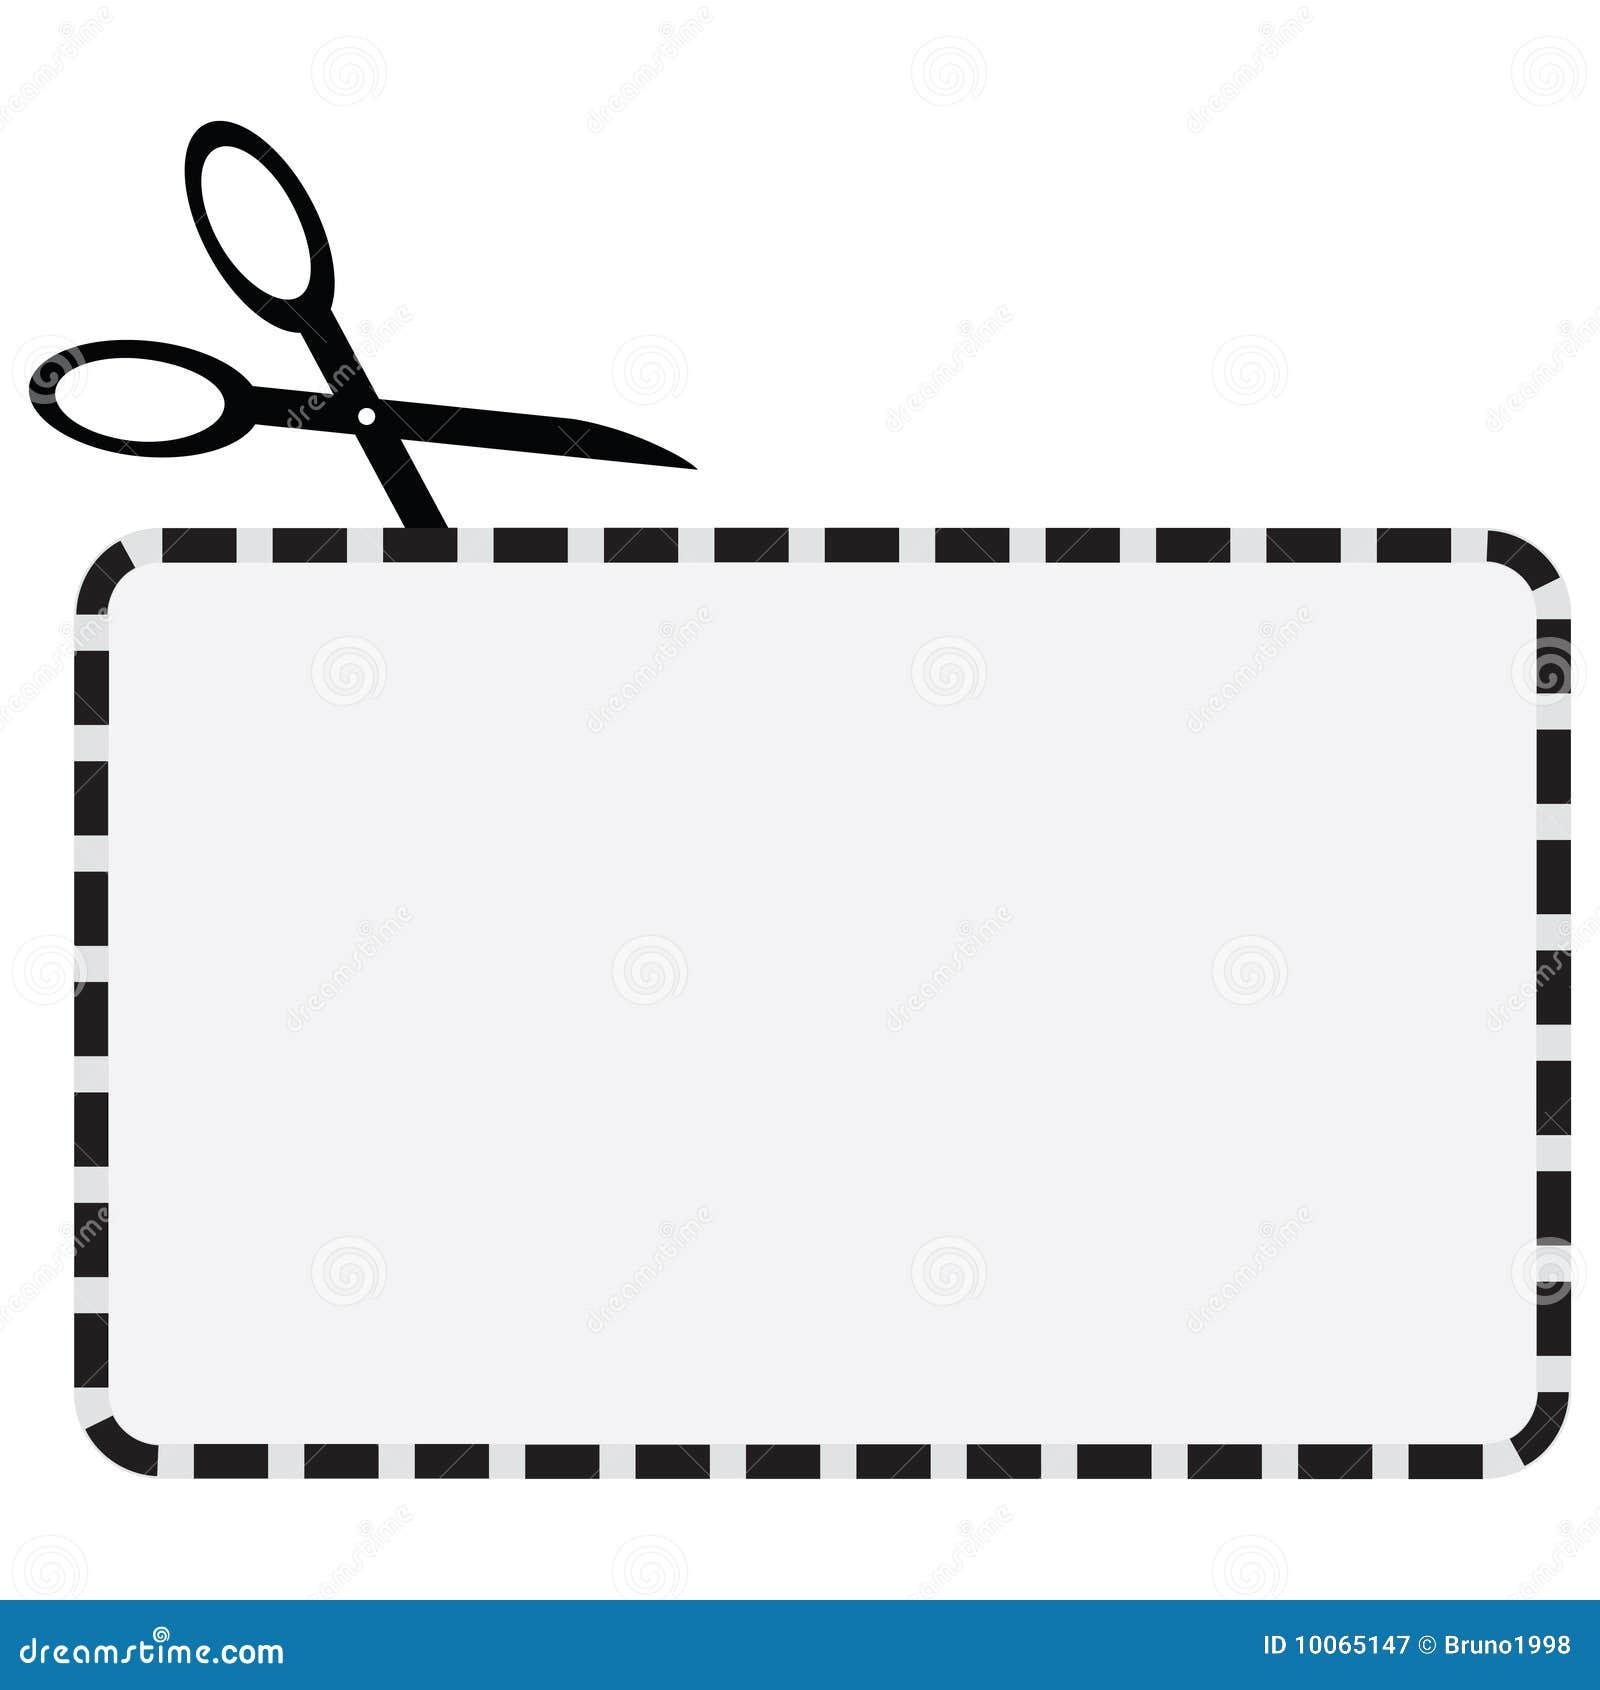 Blank travel voucher template